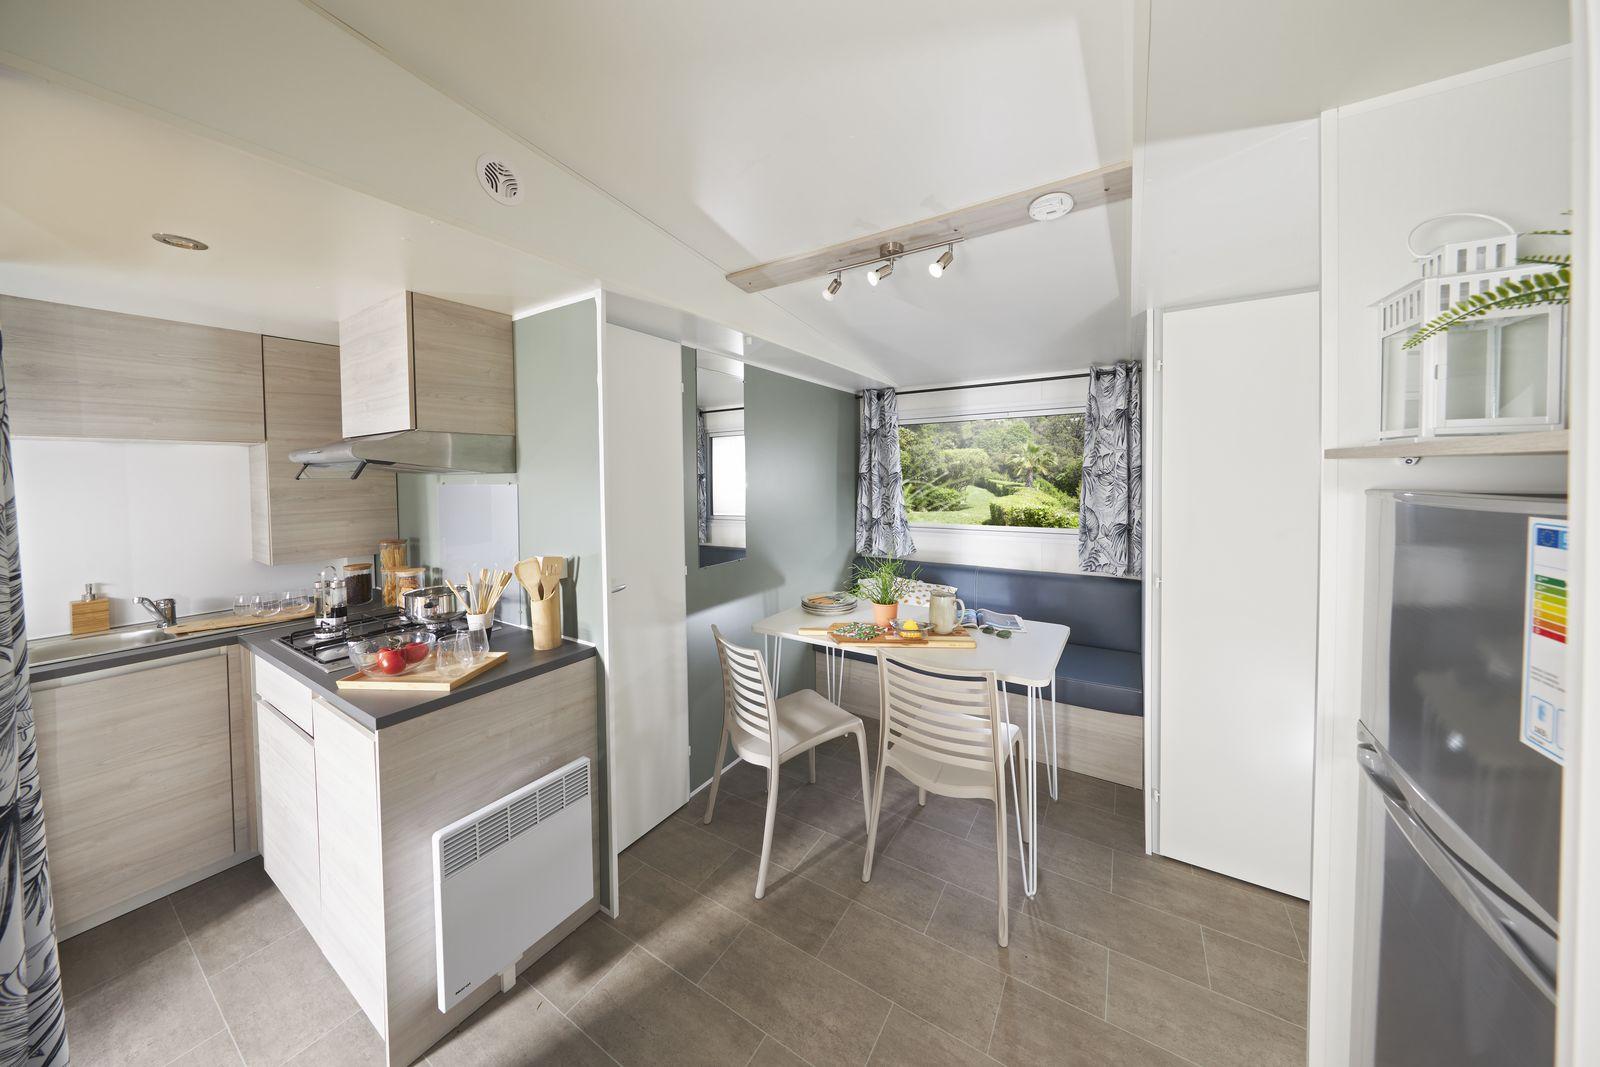 salon cuisine d'une location de mobile home en dordogne perigord noire